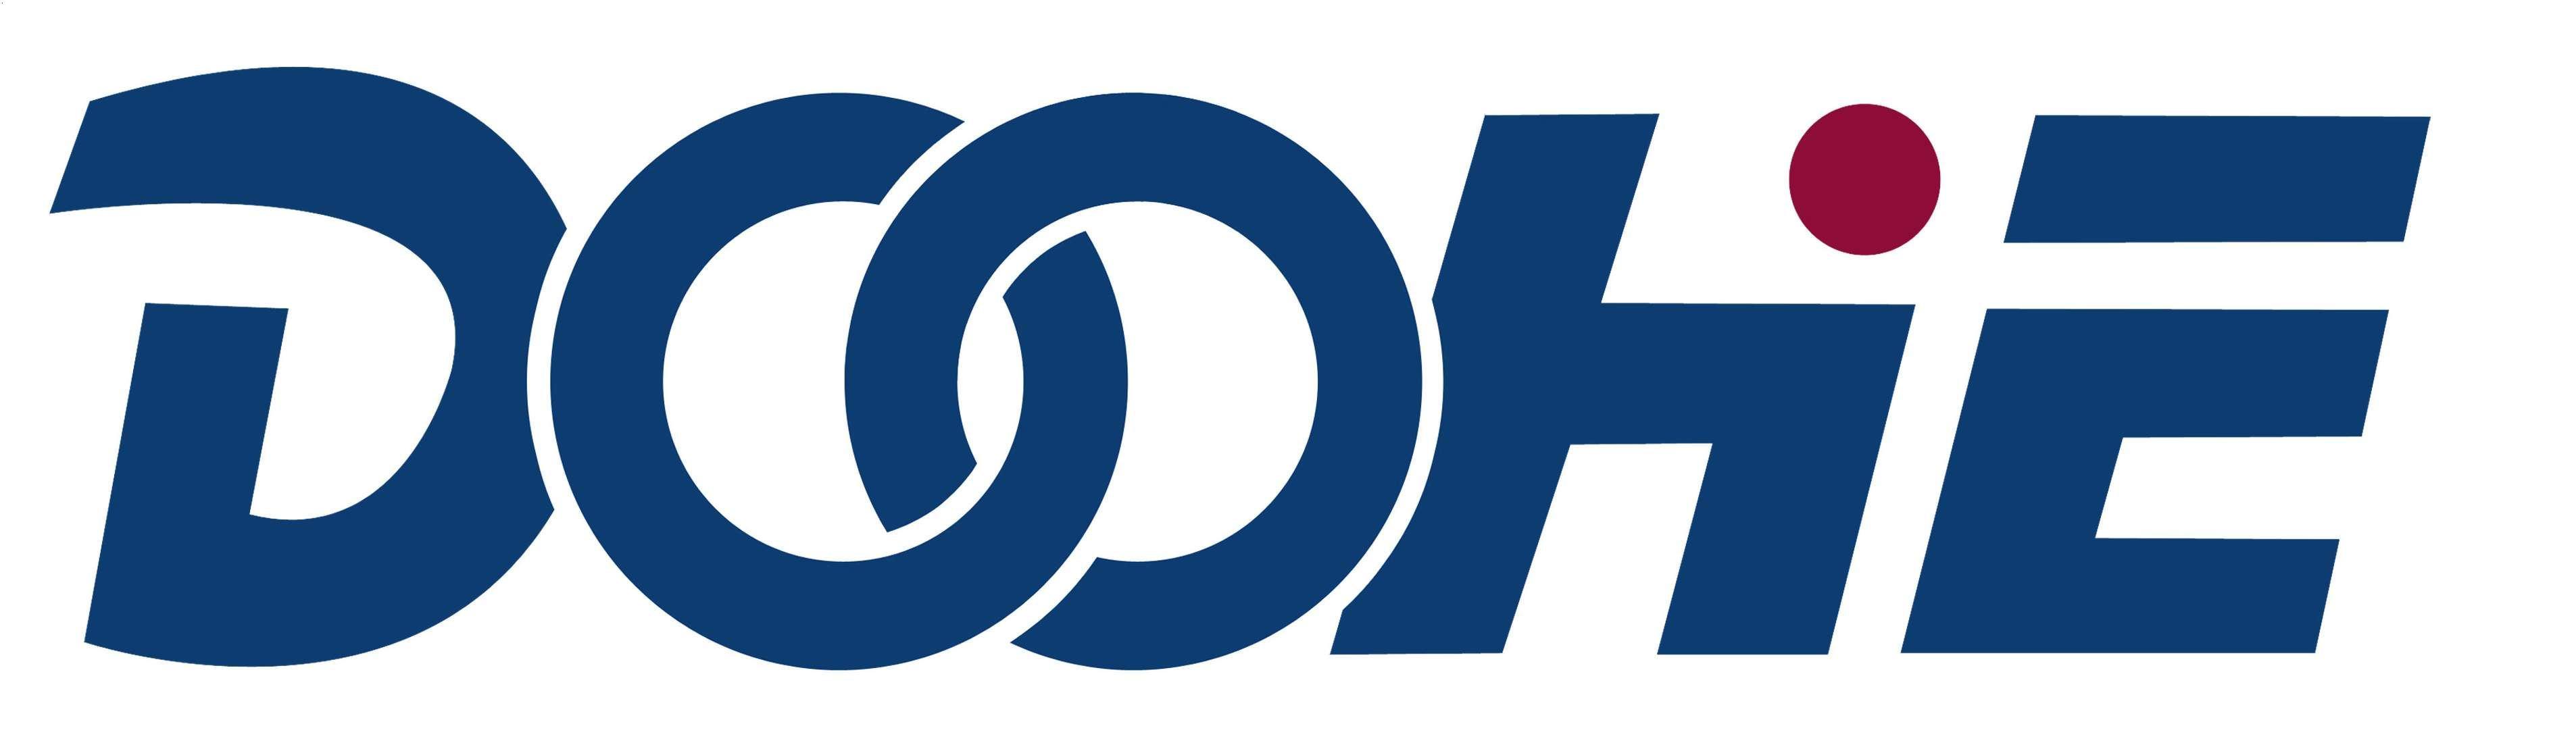 logo logo 标志 设计 矢量 矢量图 素材 图标 3812_1100图片